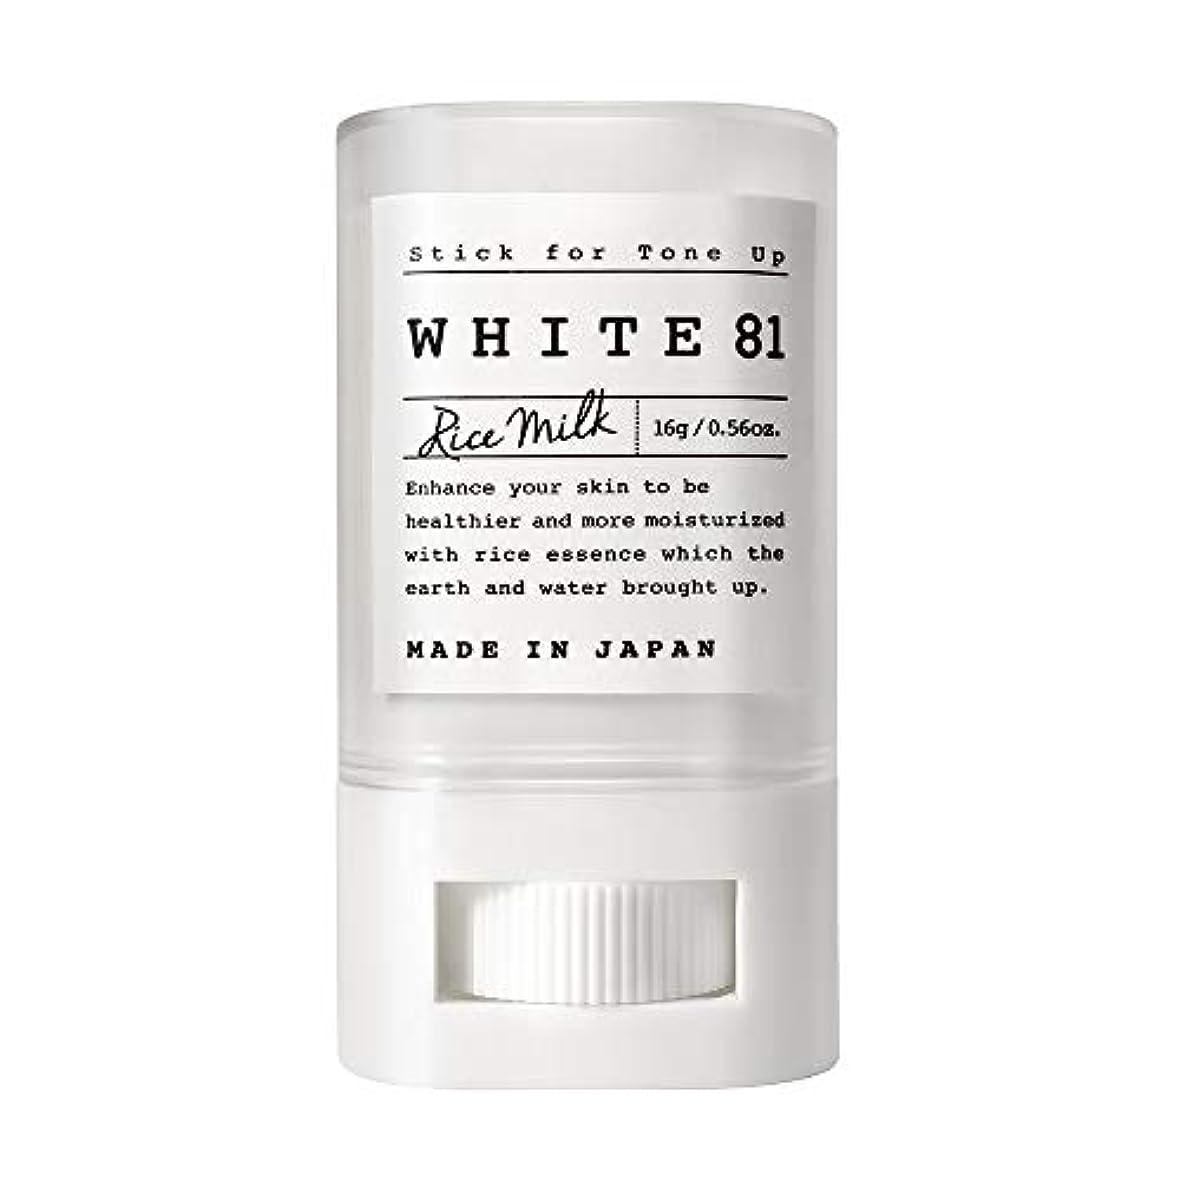 請求修理工天使WHITE81 ホワイト81 トーンアップスティック(化粧下地?日焼け止め / SPF35?PA+++?ウォータープルーフ?複合保湿成分配合?肌に優しい6種のフリー / 日本製)